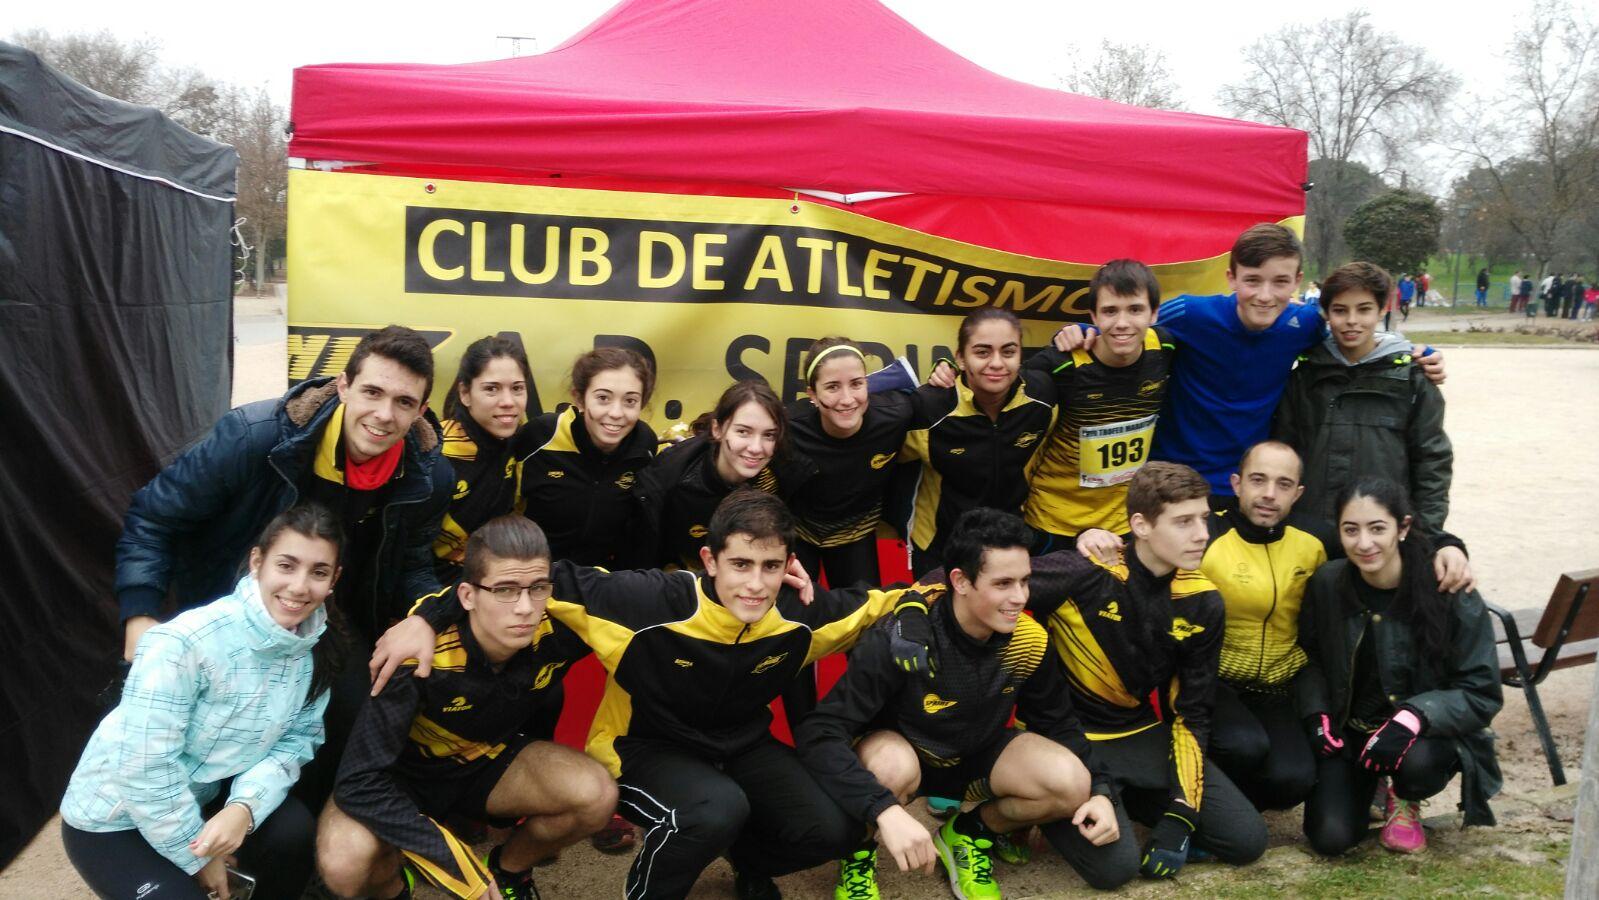 Atletas seleccionados para Cto Madrid de cross por equipos